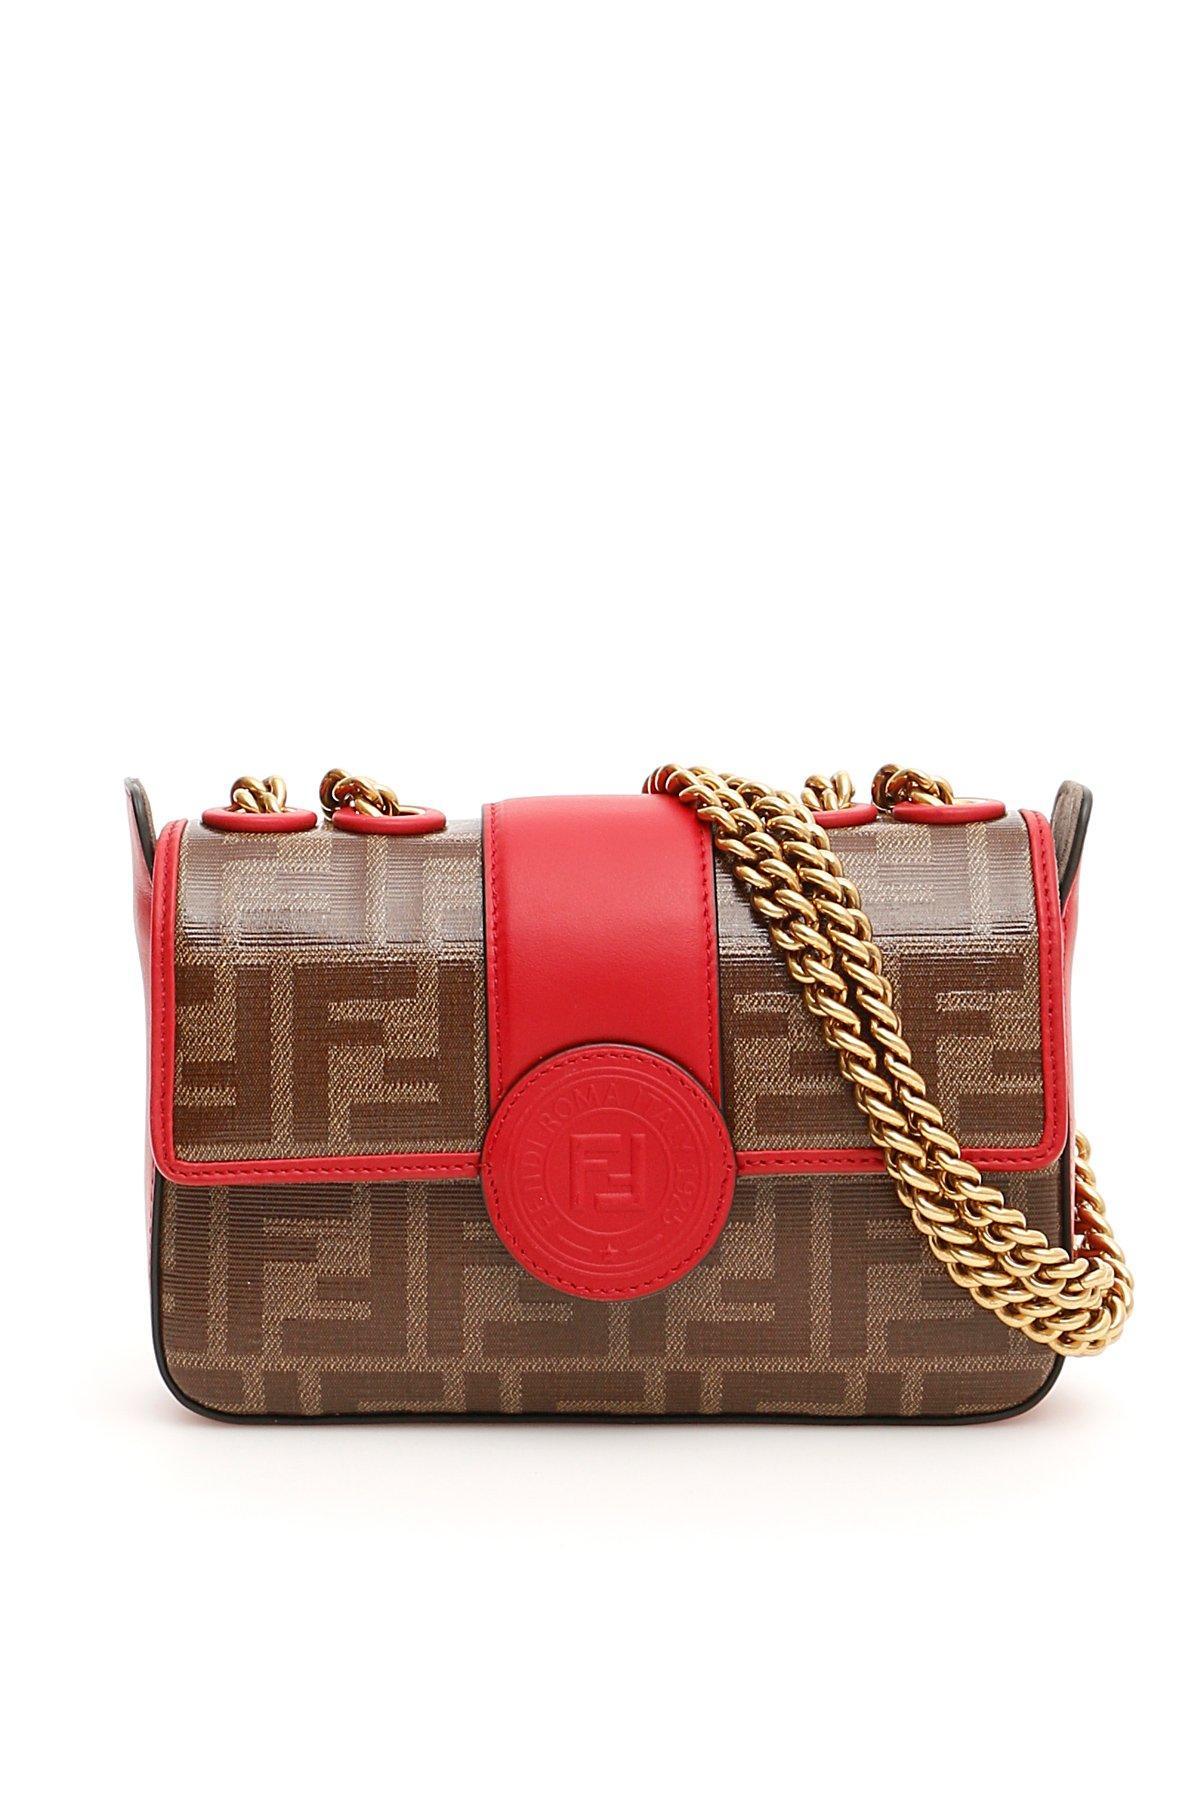 f94913e9dd75 Fendi Mini Double F Chain Strap Bag In Brown